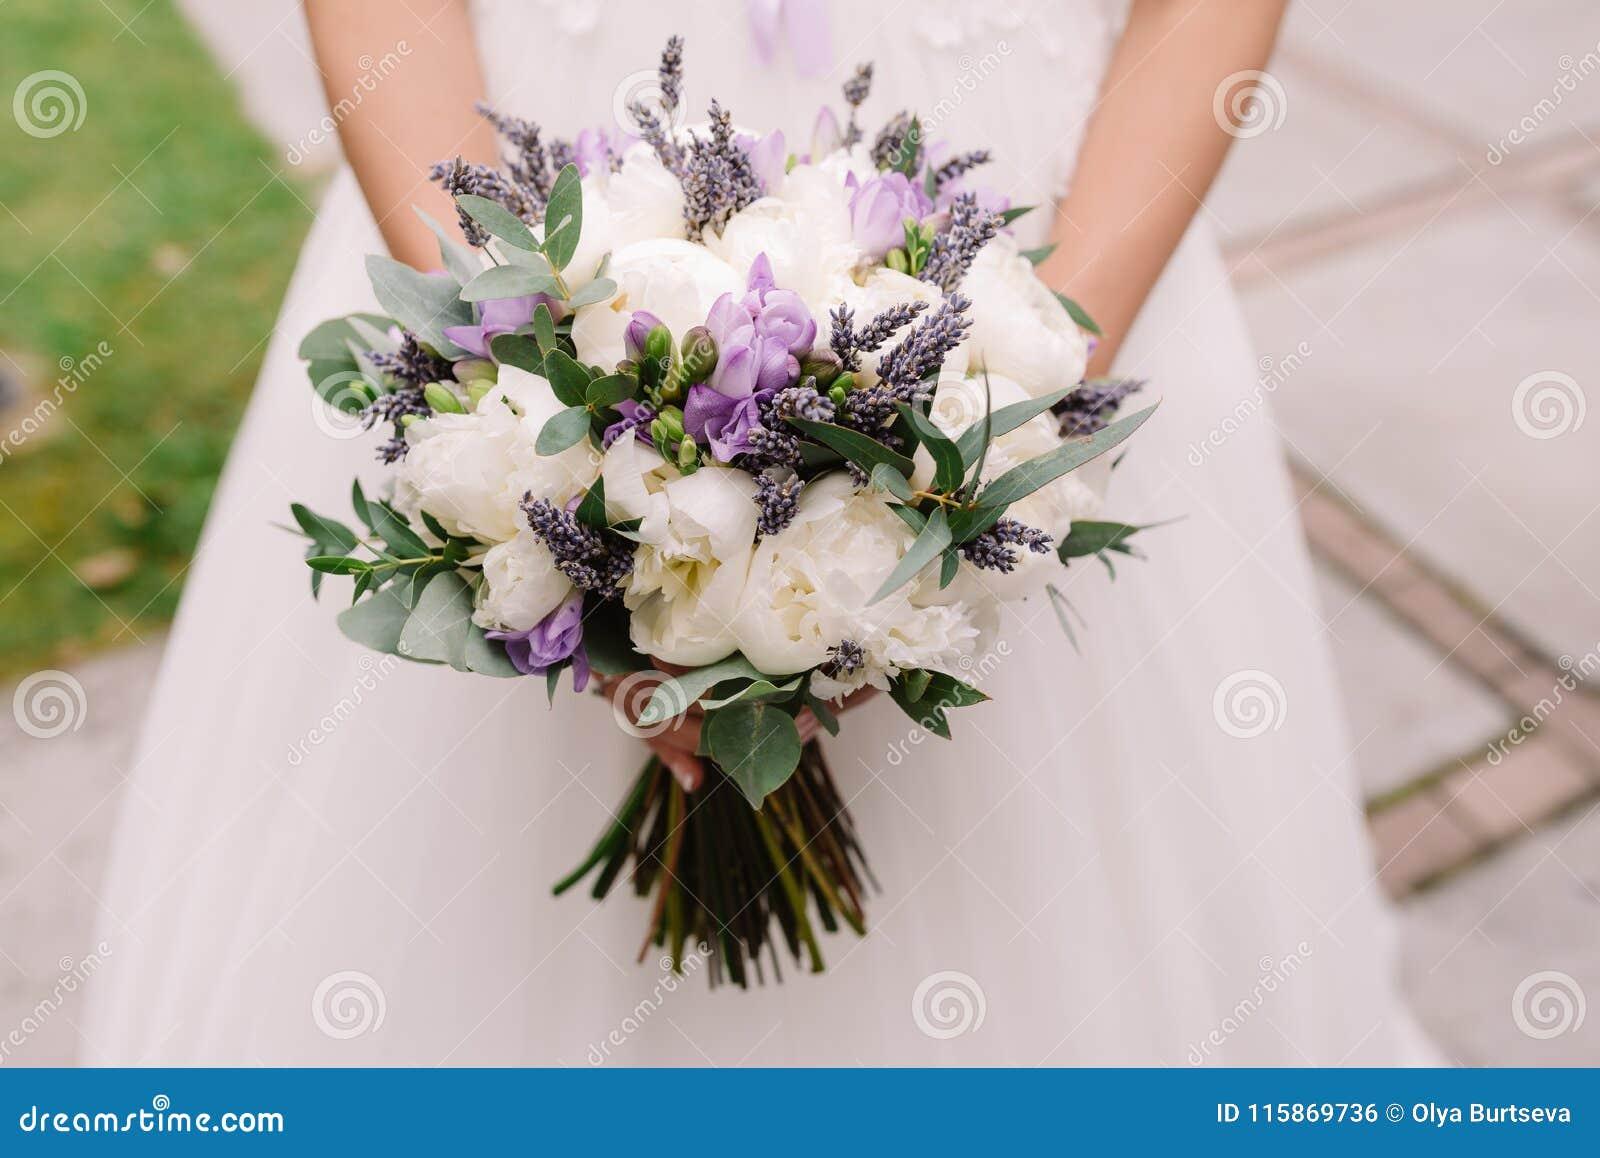 Ślubna suknia, obrączki ślubne, ślubny bukiet